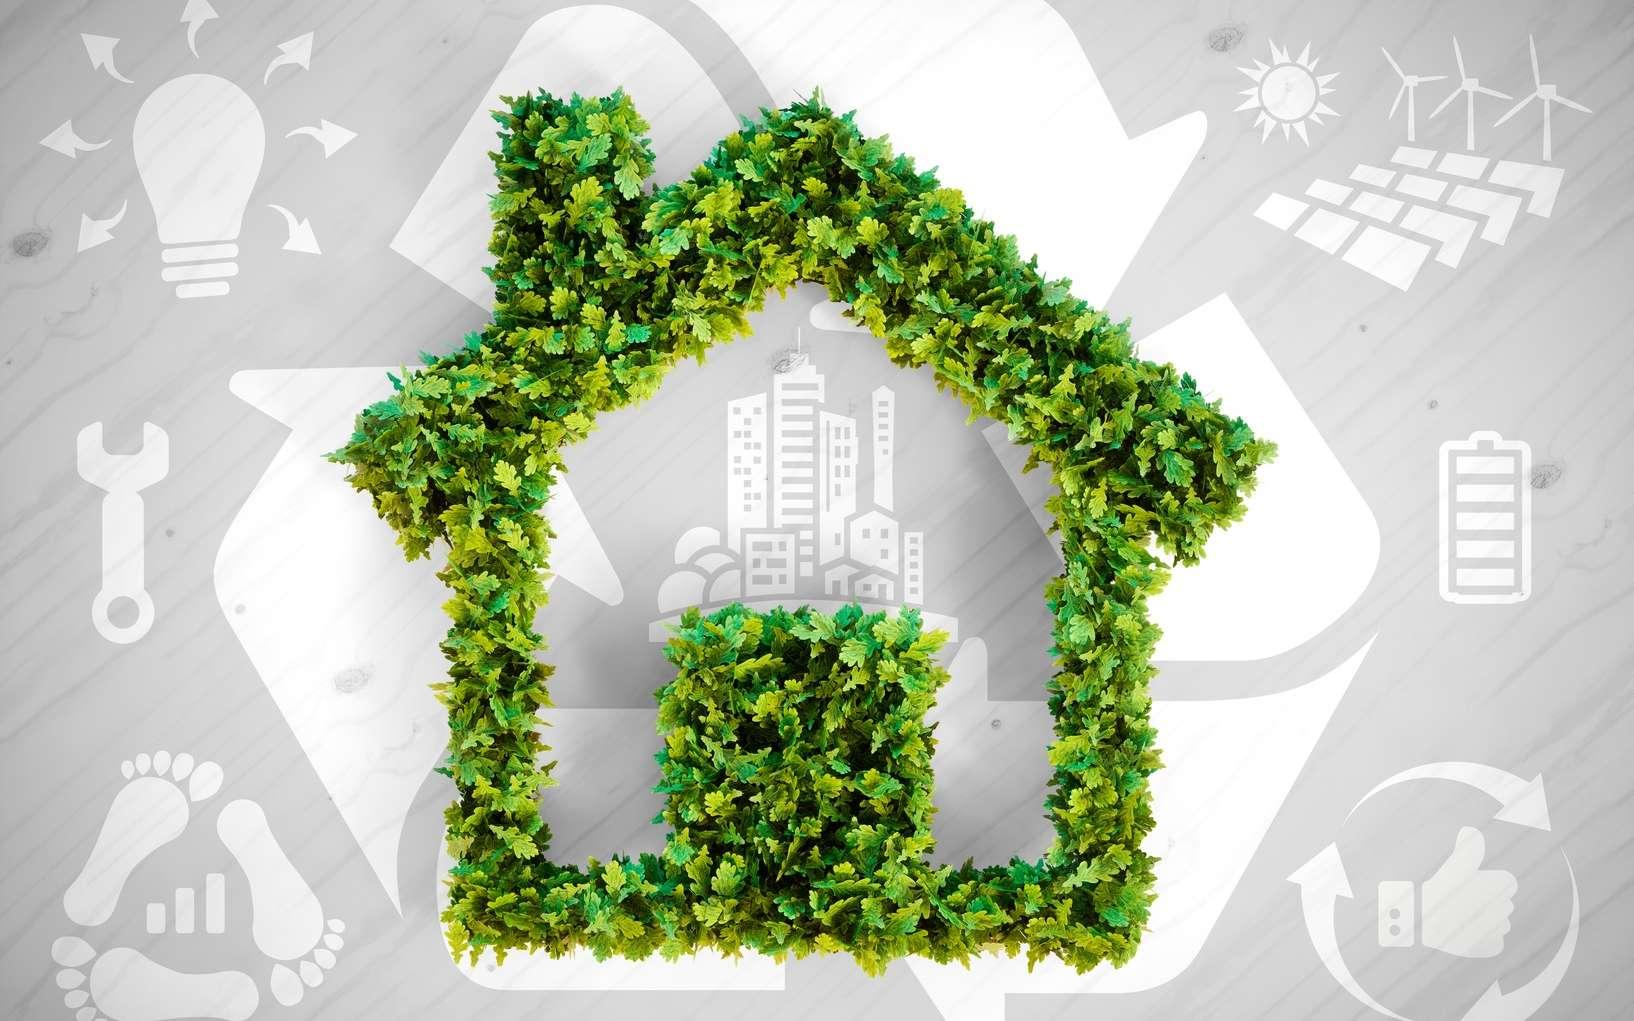 L'empreinte écologique d'un logement dépend notamment de l'énergie utilisée. © malp, Fotolia